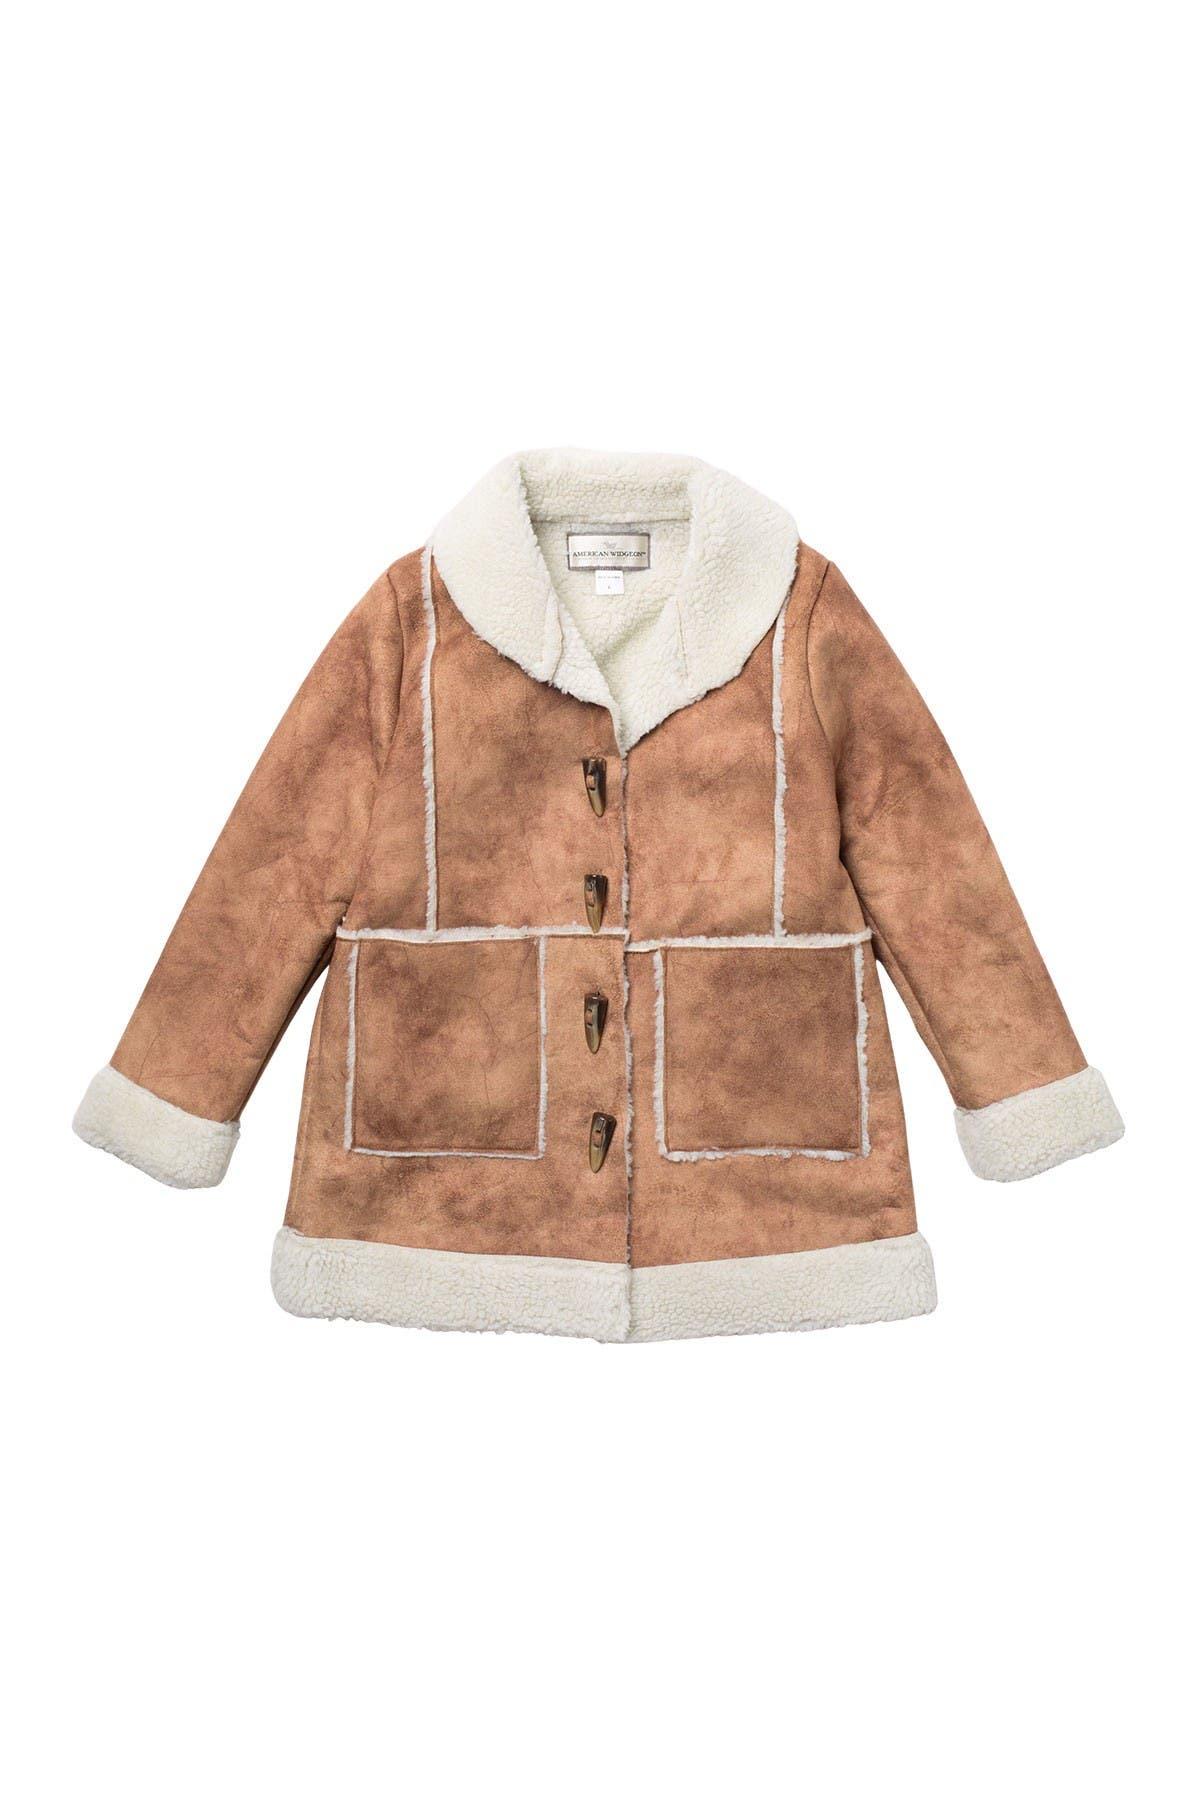 Image of WIDGEON Faux Fur Patch Coat